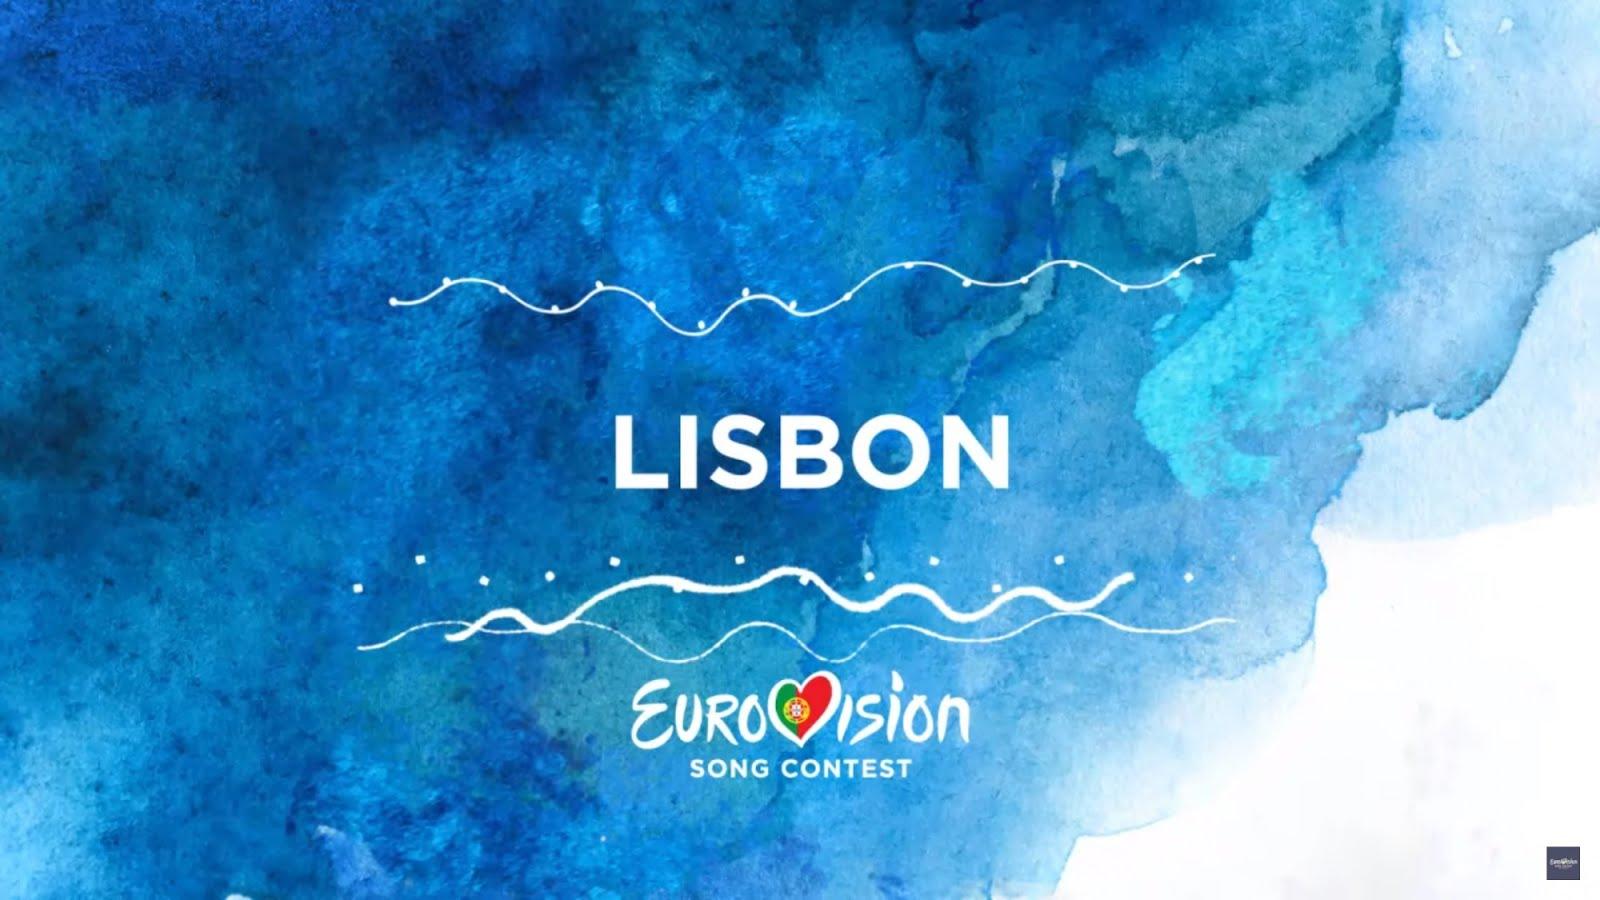 Pasión por eurovisión